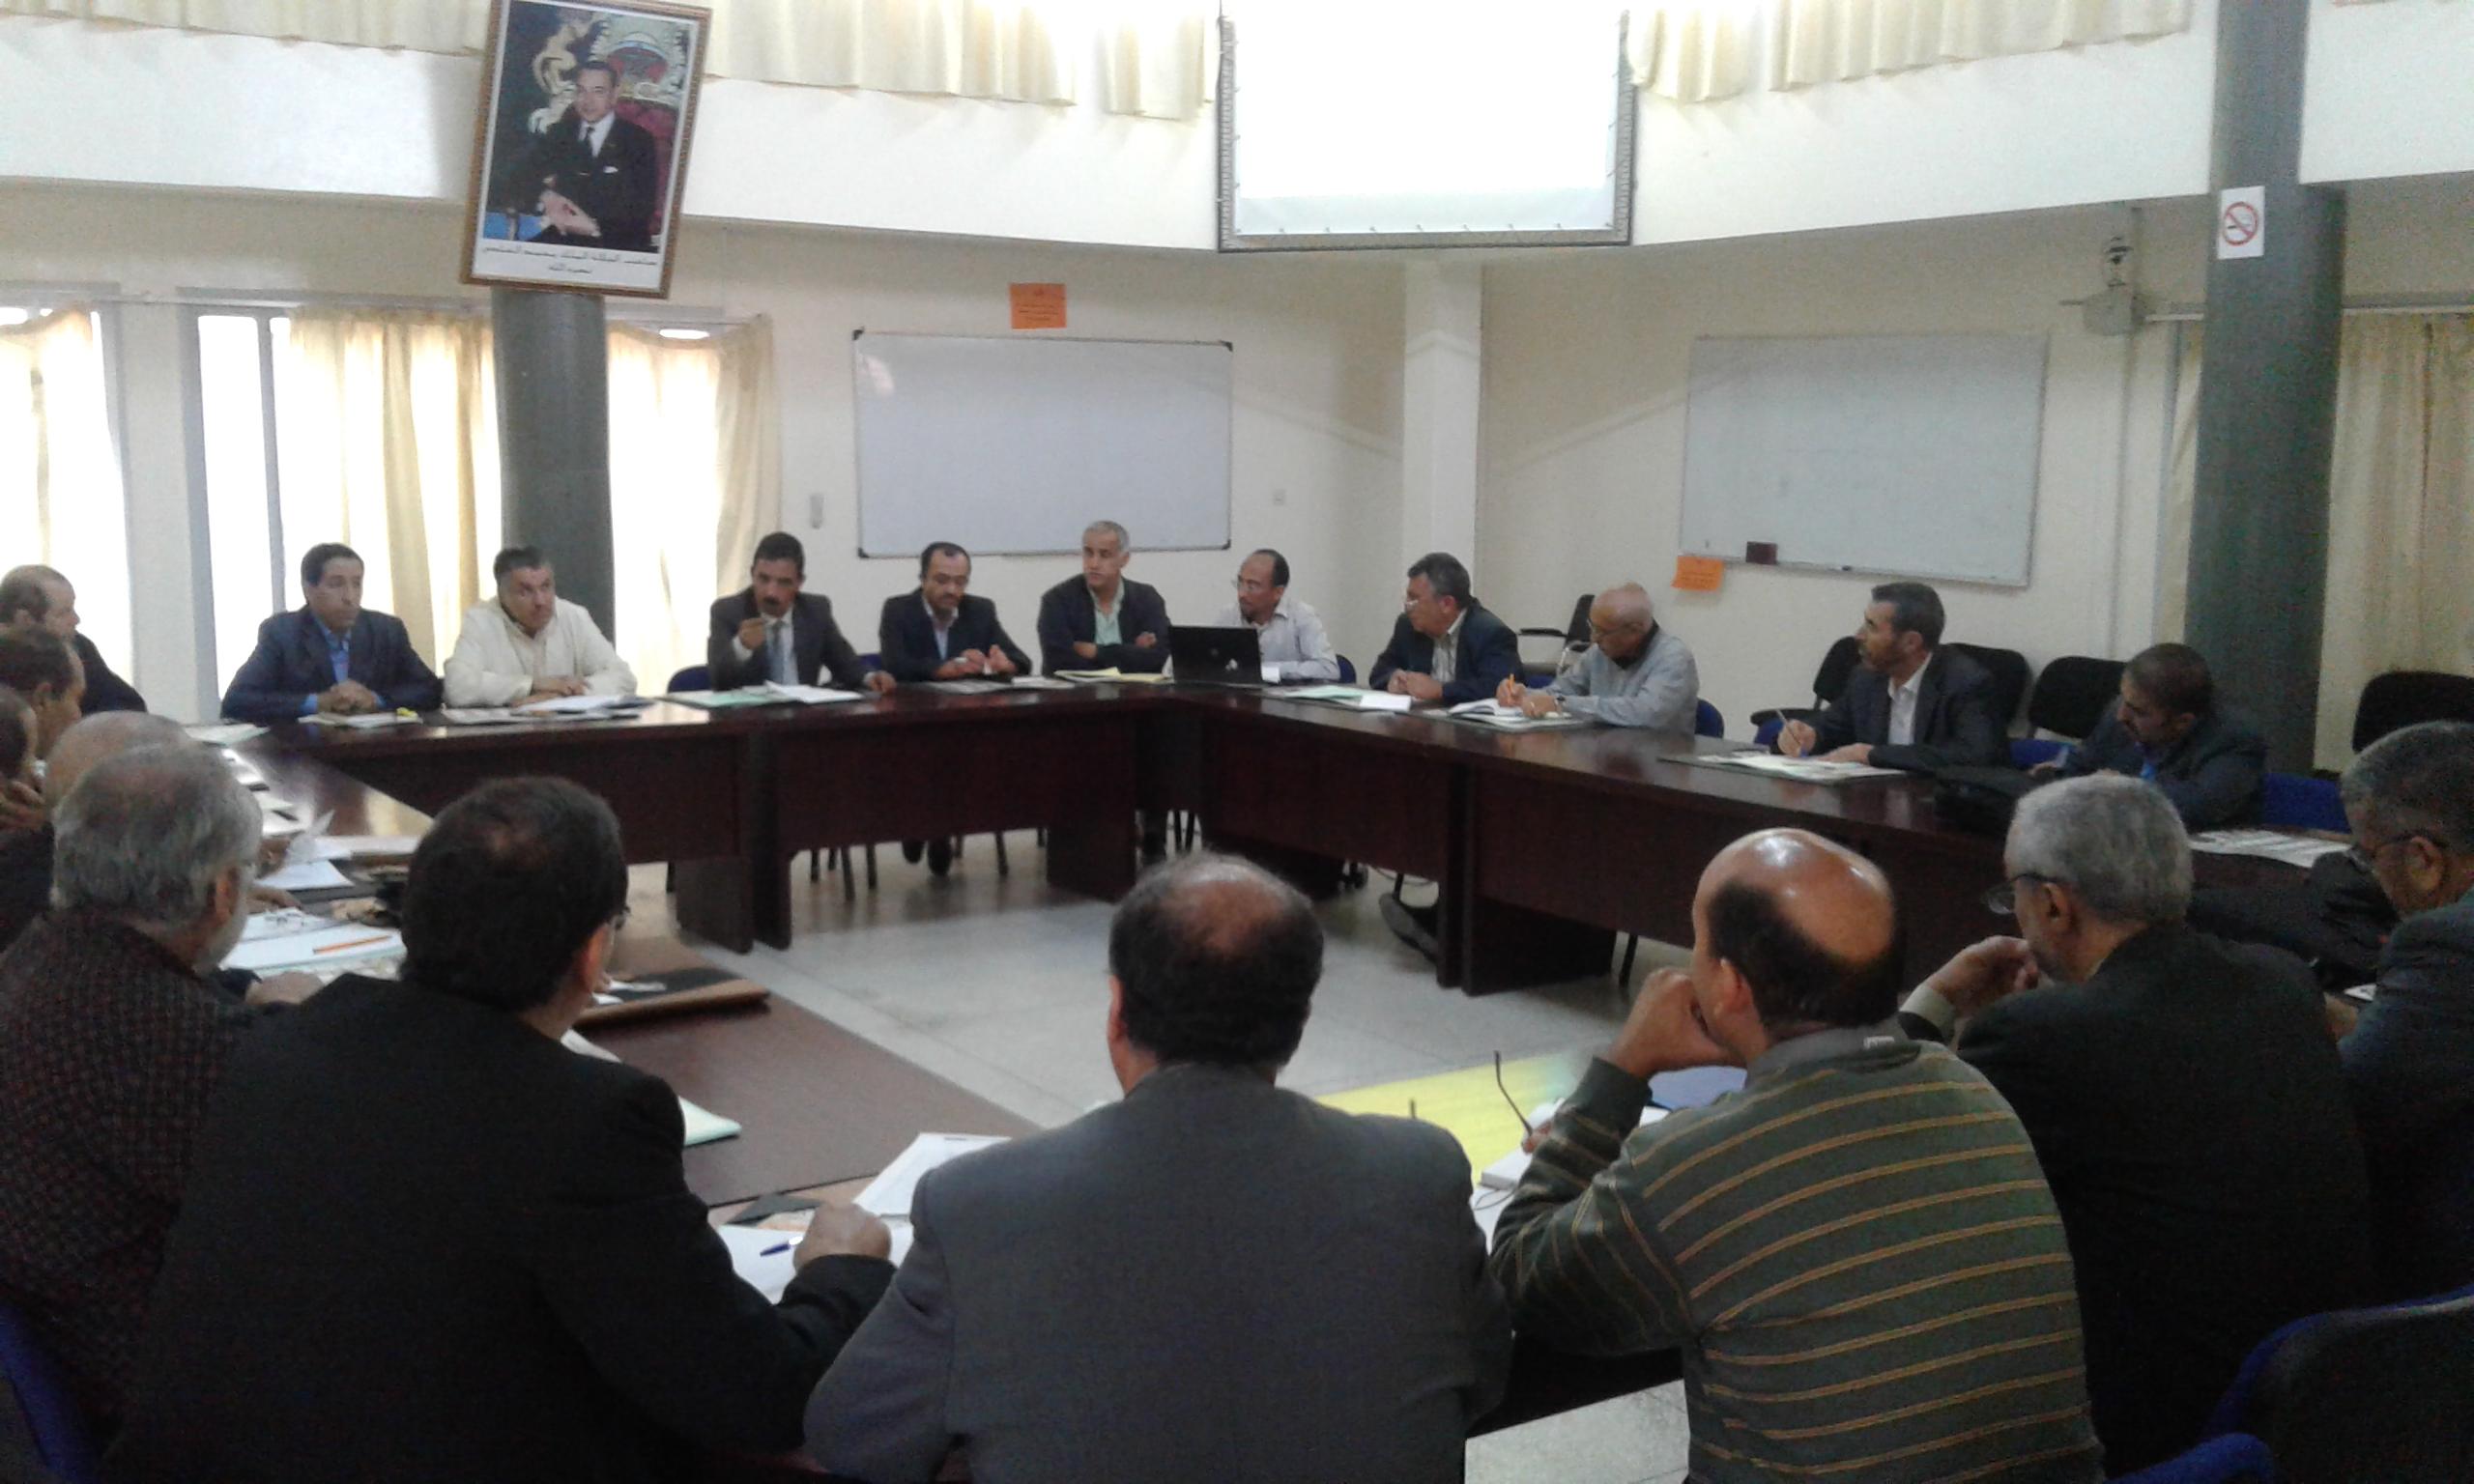 لقاء تواصلي تنسيقي حول امتحانات الباكلوريا بالمديرية الإقليمية بتيزنيت